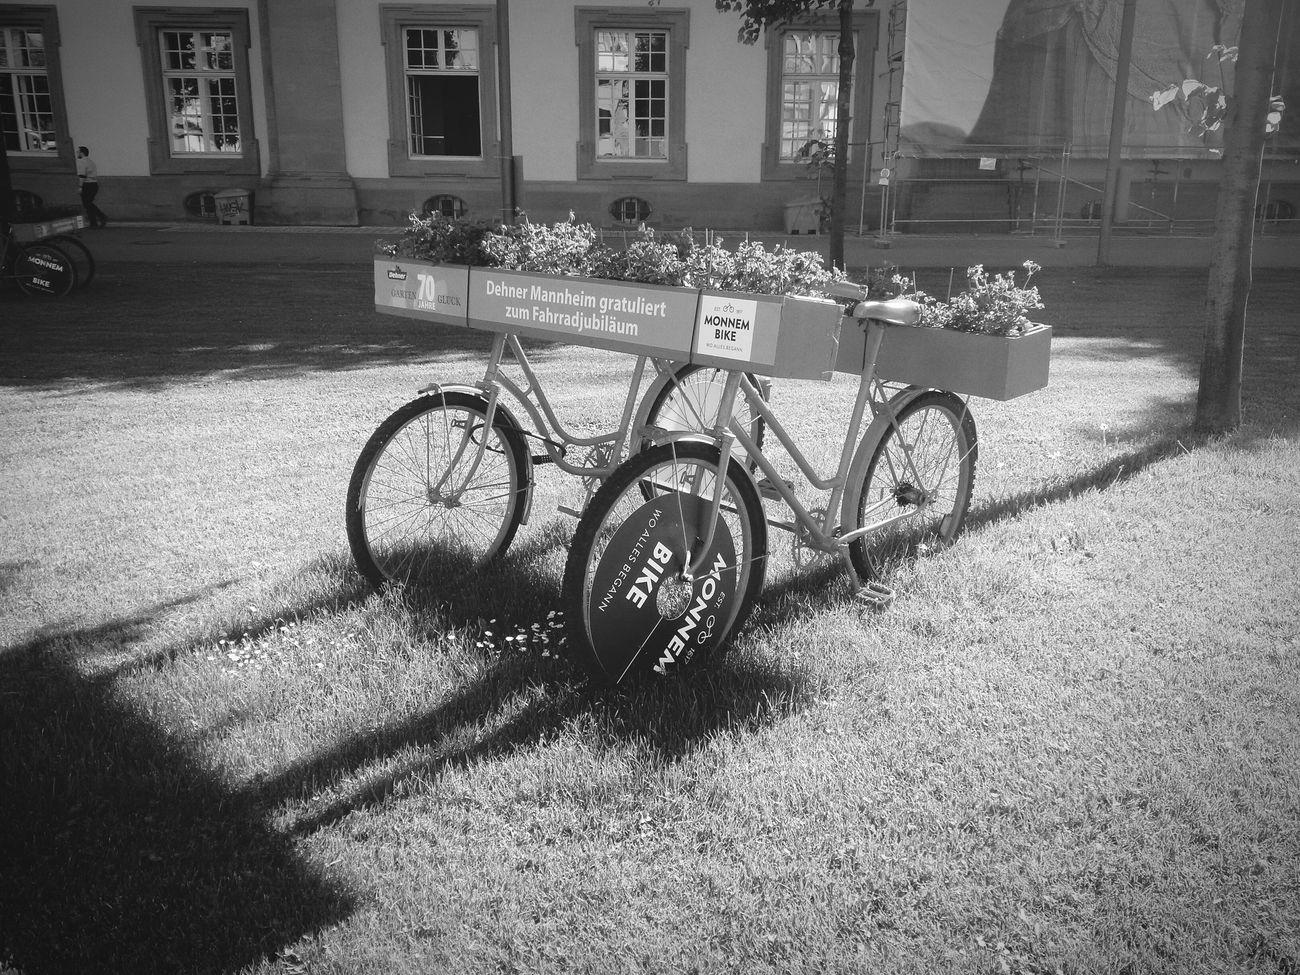 schöne Aktion der Stadt Mannheim oder Monnem zur Erfindung des Fahrrad s Monnem Bike